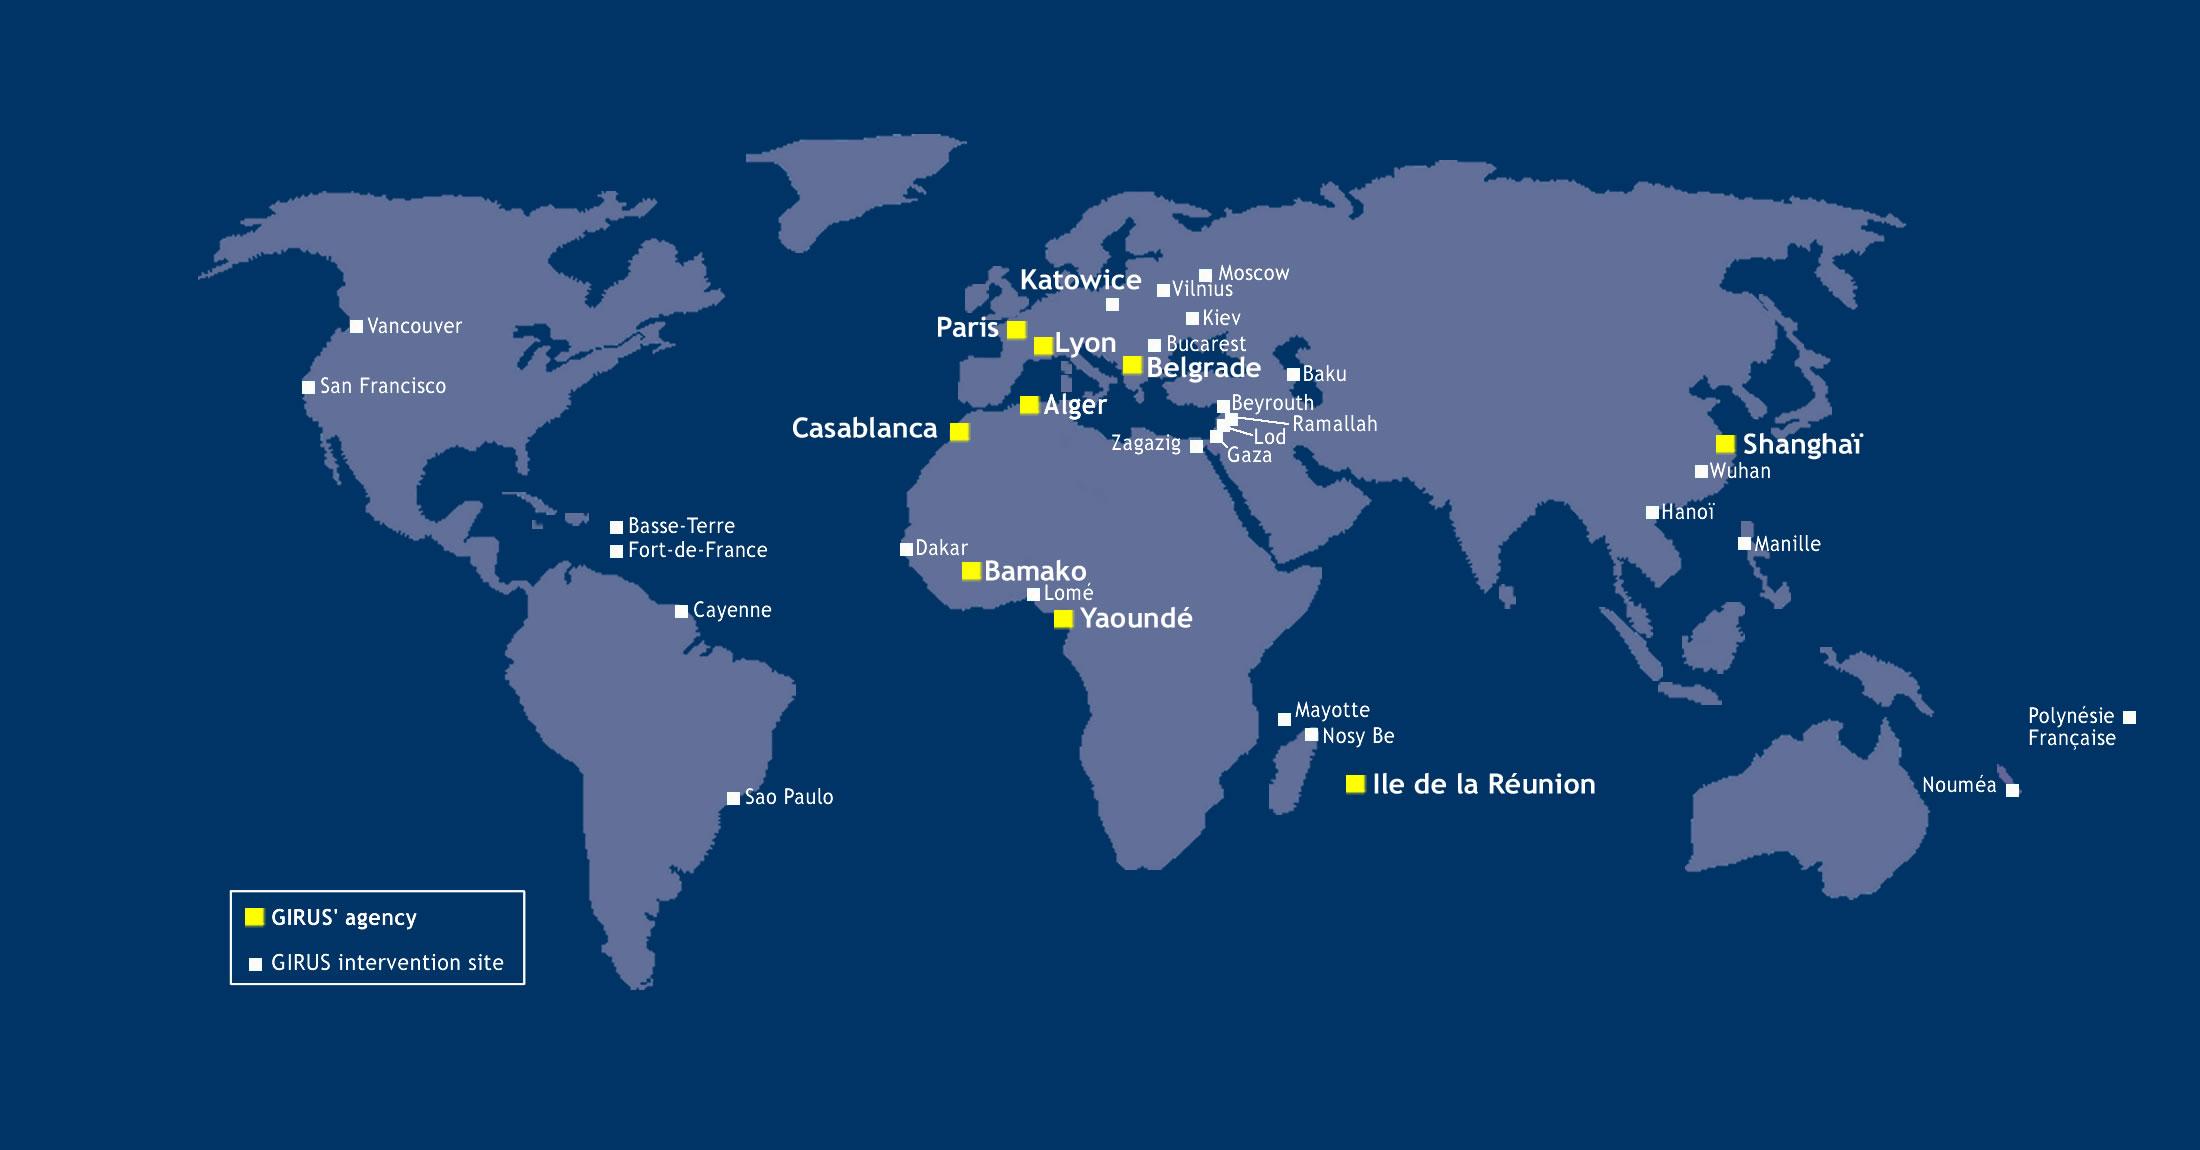 carte_monde 09.12.2014